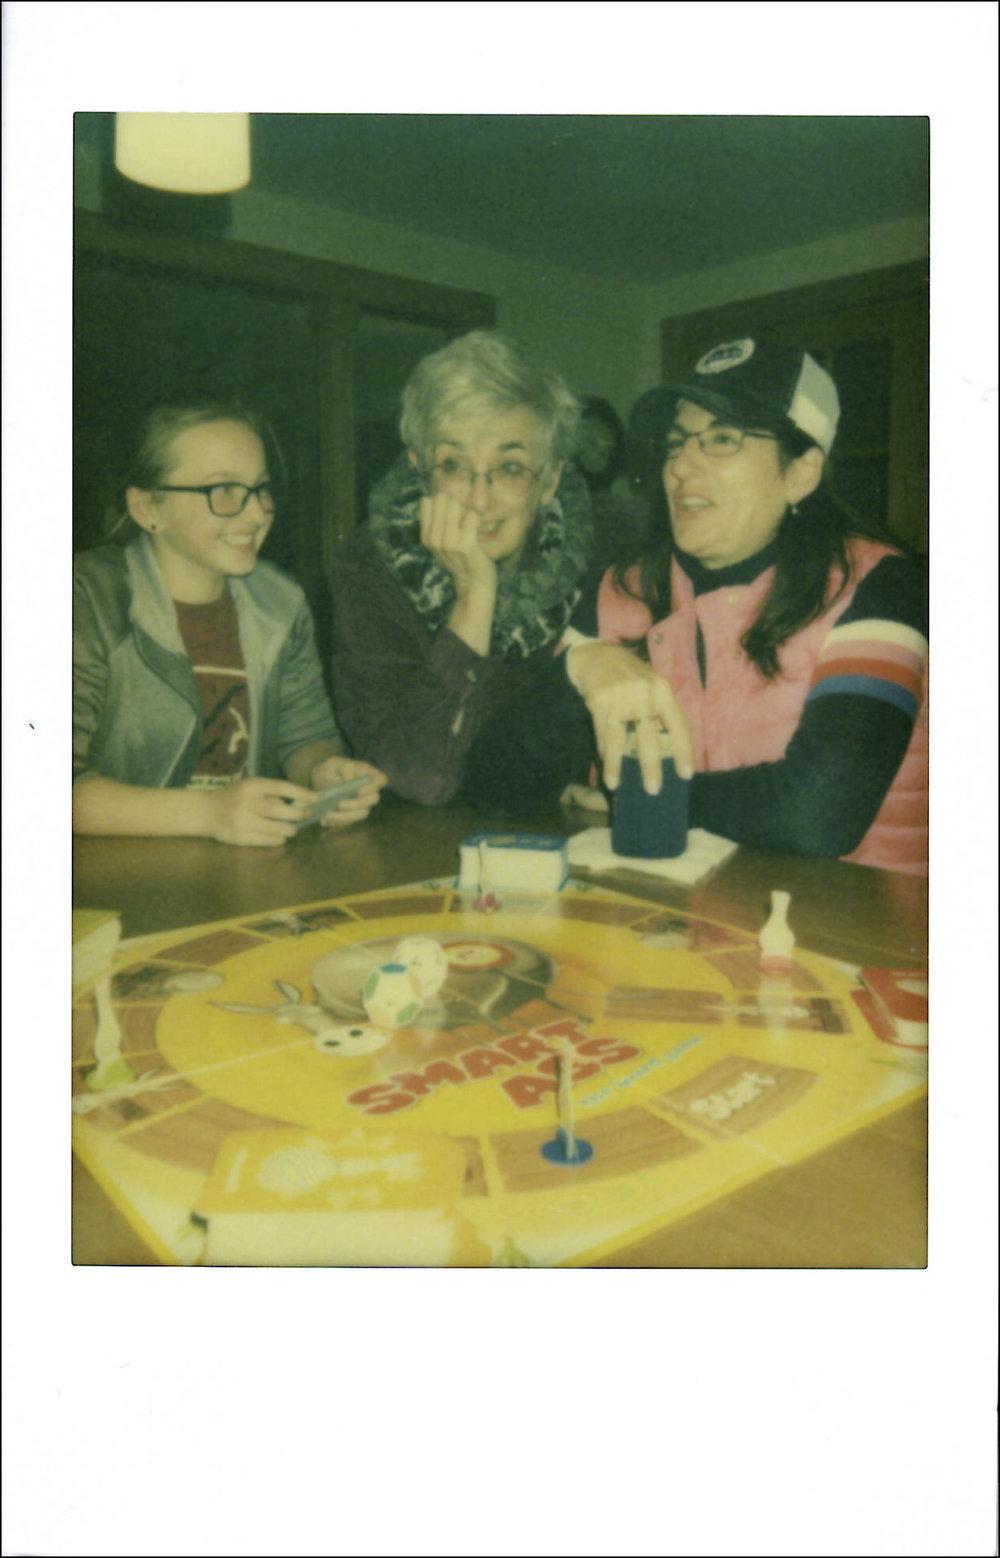 Al + Aunt Pam + Wendy